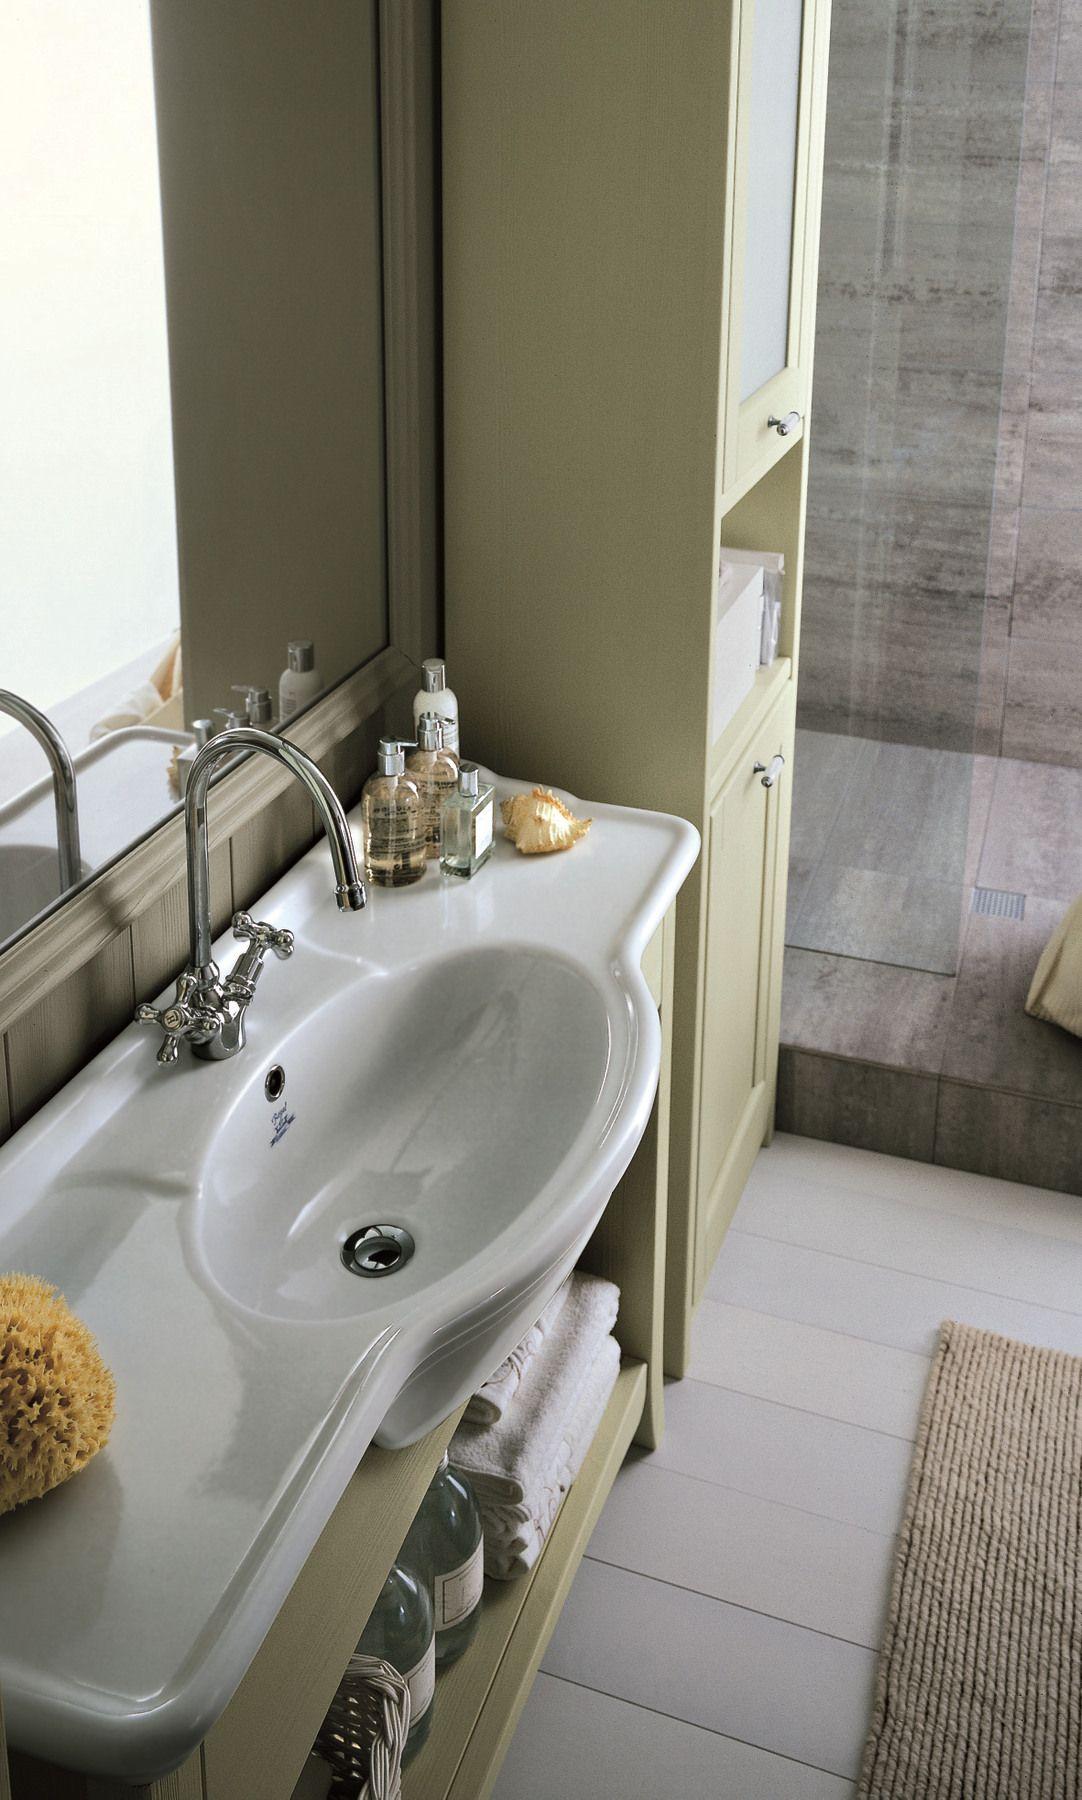 Arredo bagno completo in legno massello nuovo mondo n18 by for Arredo bagno completo